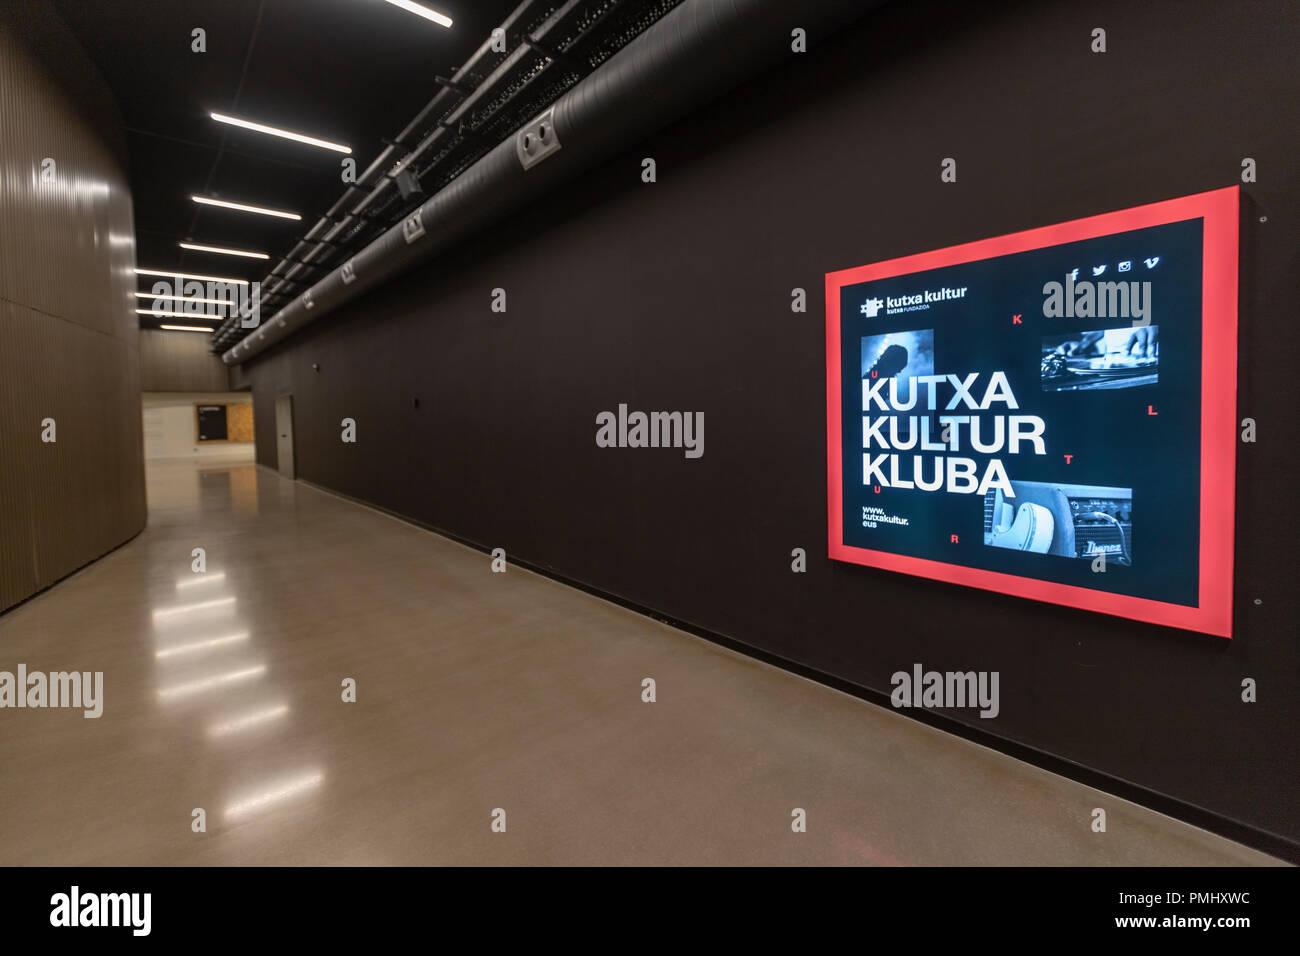 Kutxa Kultur in Tabakalera Kluba, San Sebastián, Baskenland, Spanien Stockbild